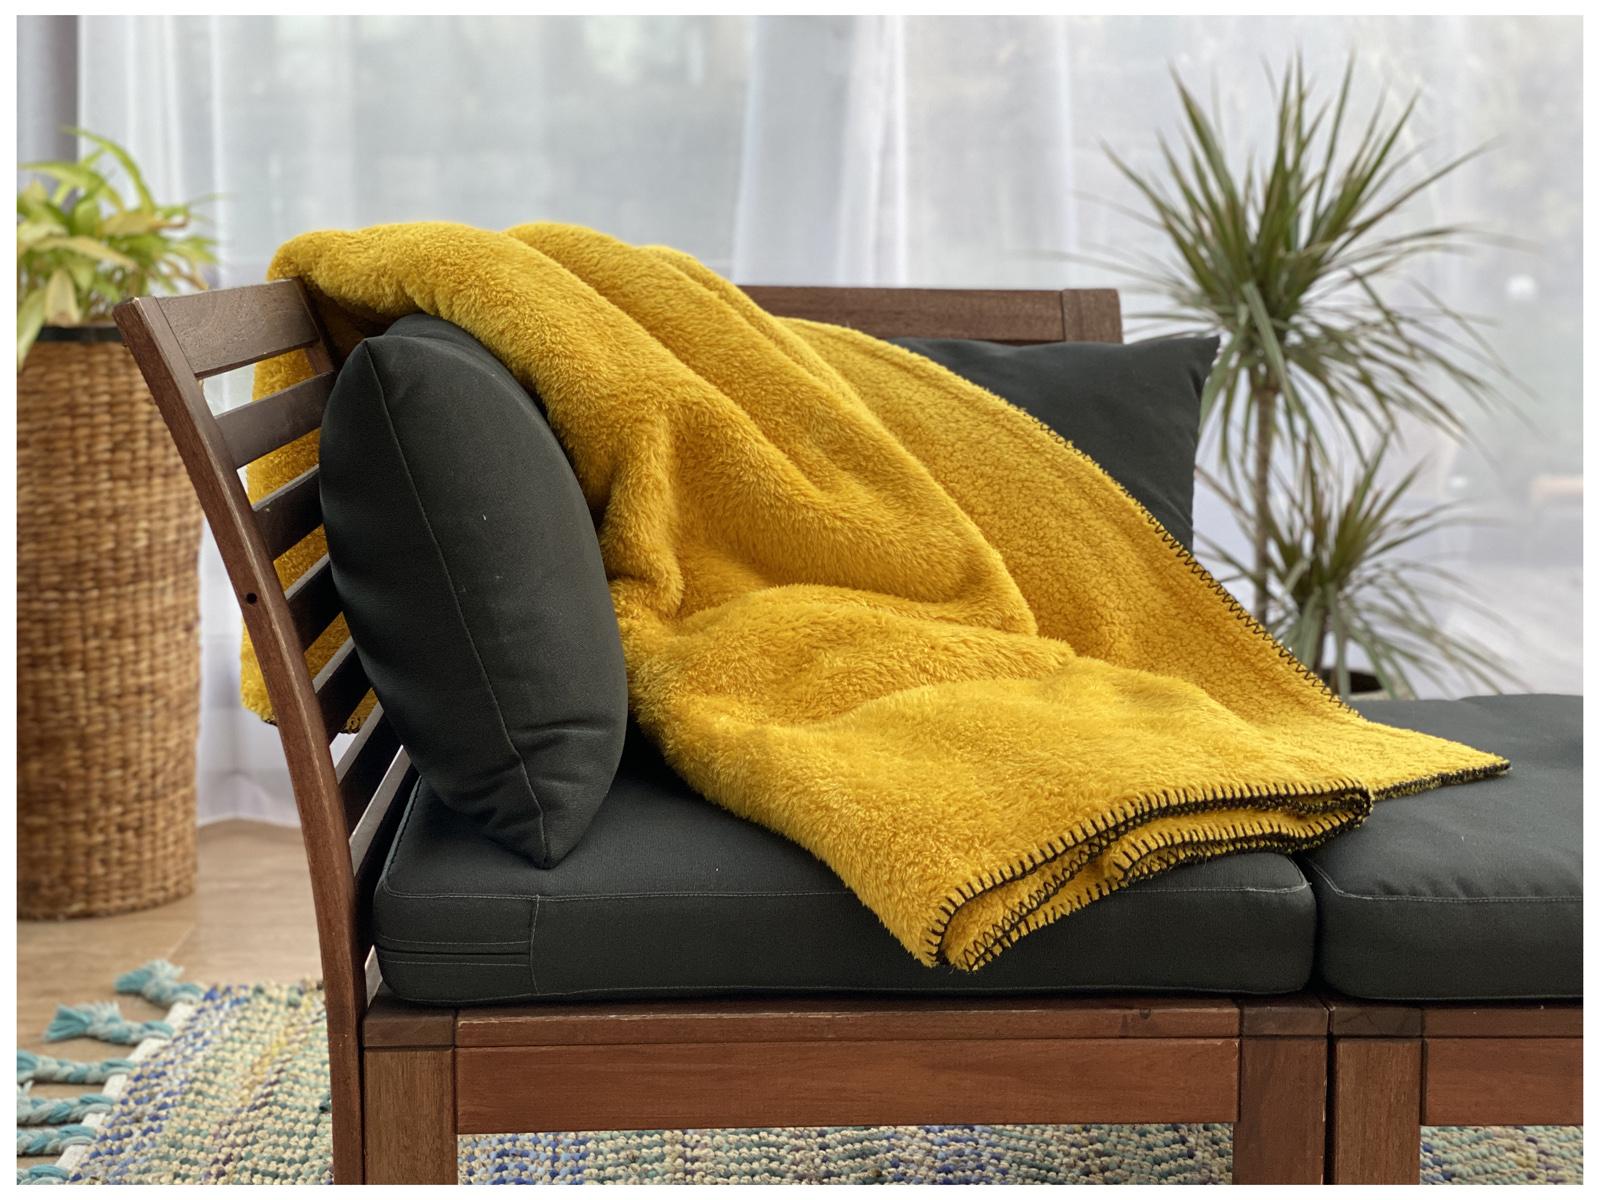 Indexbild 22 - Super Soft Kuscheldecke Langfloor Teddy Fleece XL 200x150 Plüsch Decke Typ716